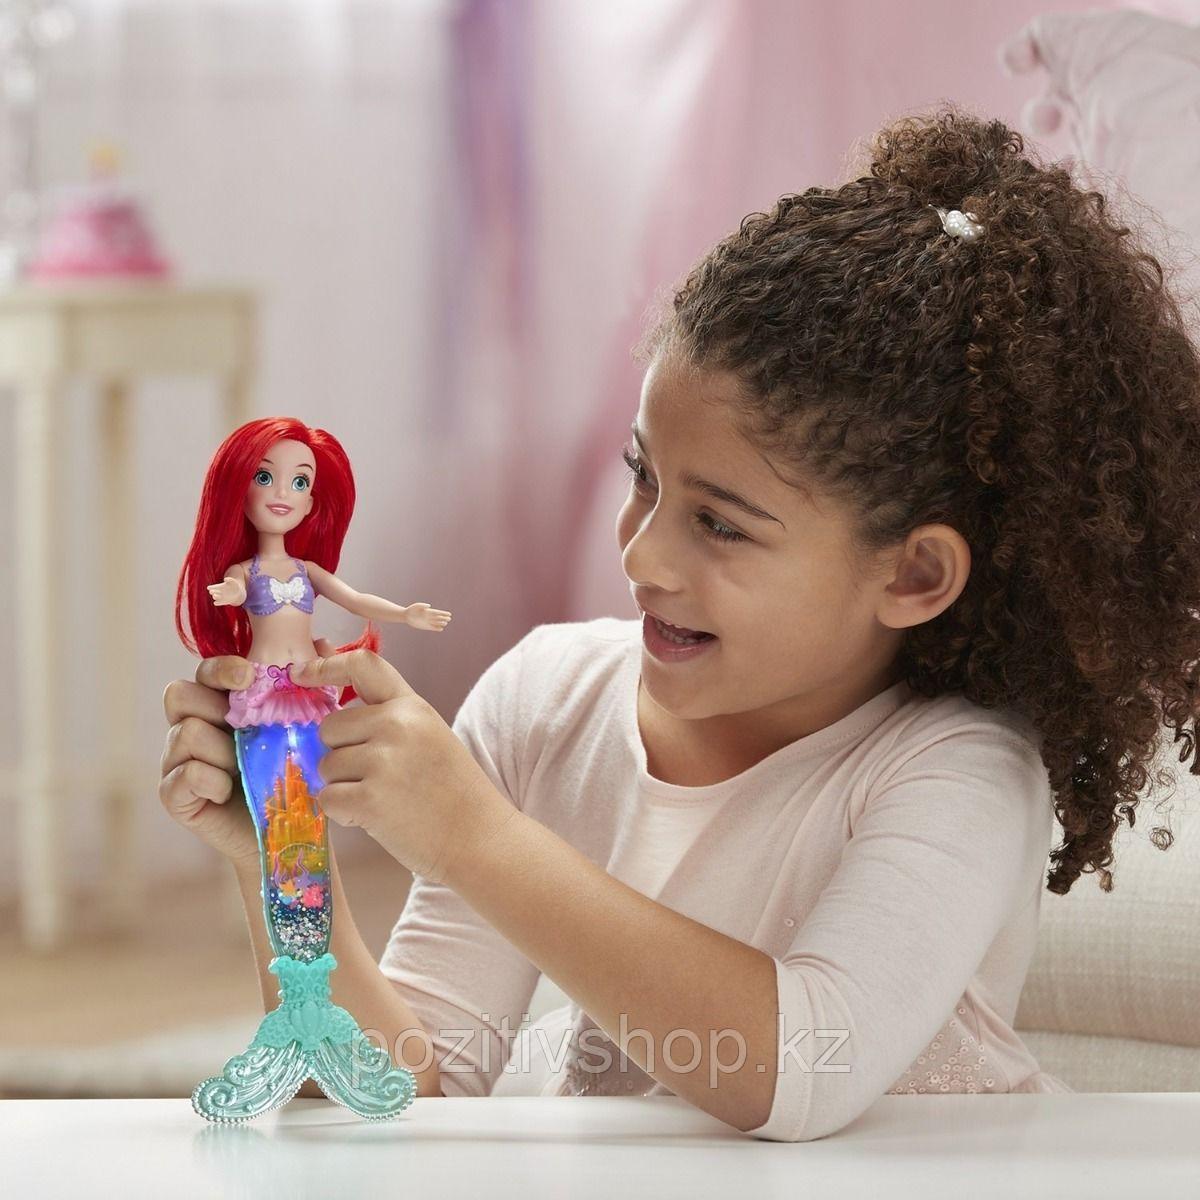 Интерактивная кукла Ариэль Disney Princess - фото 4